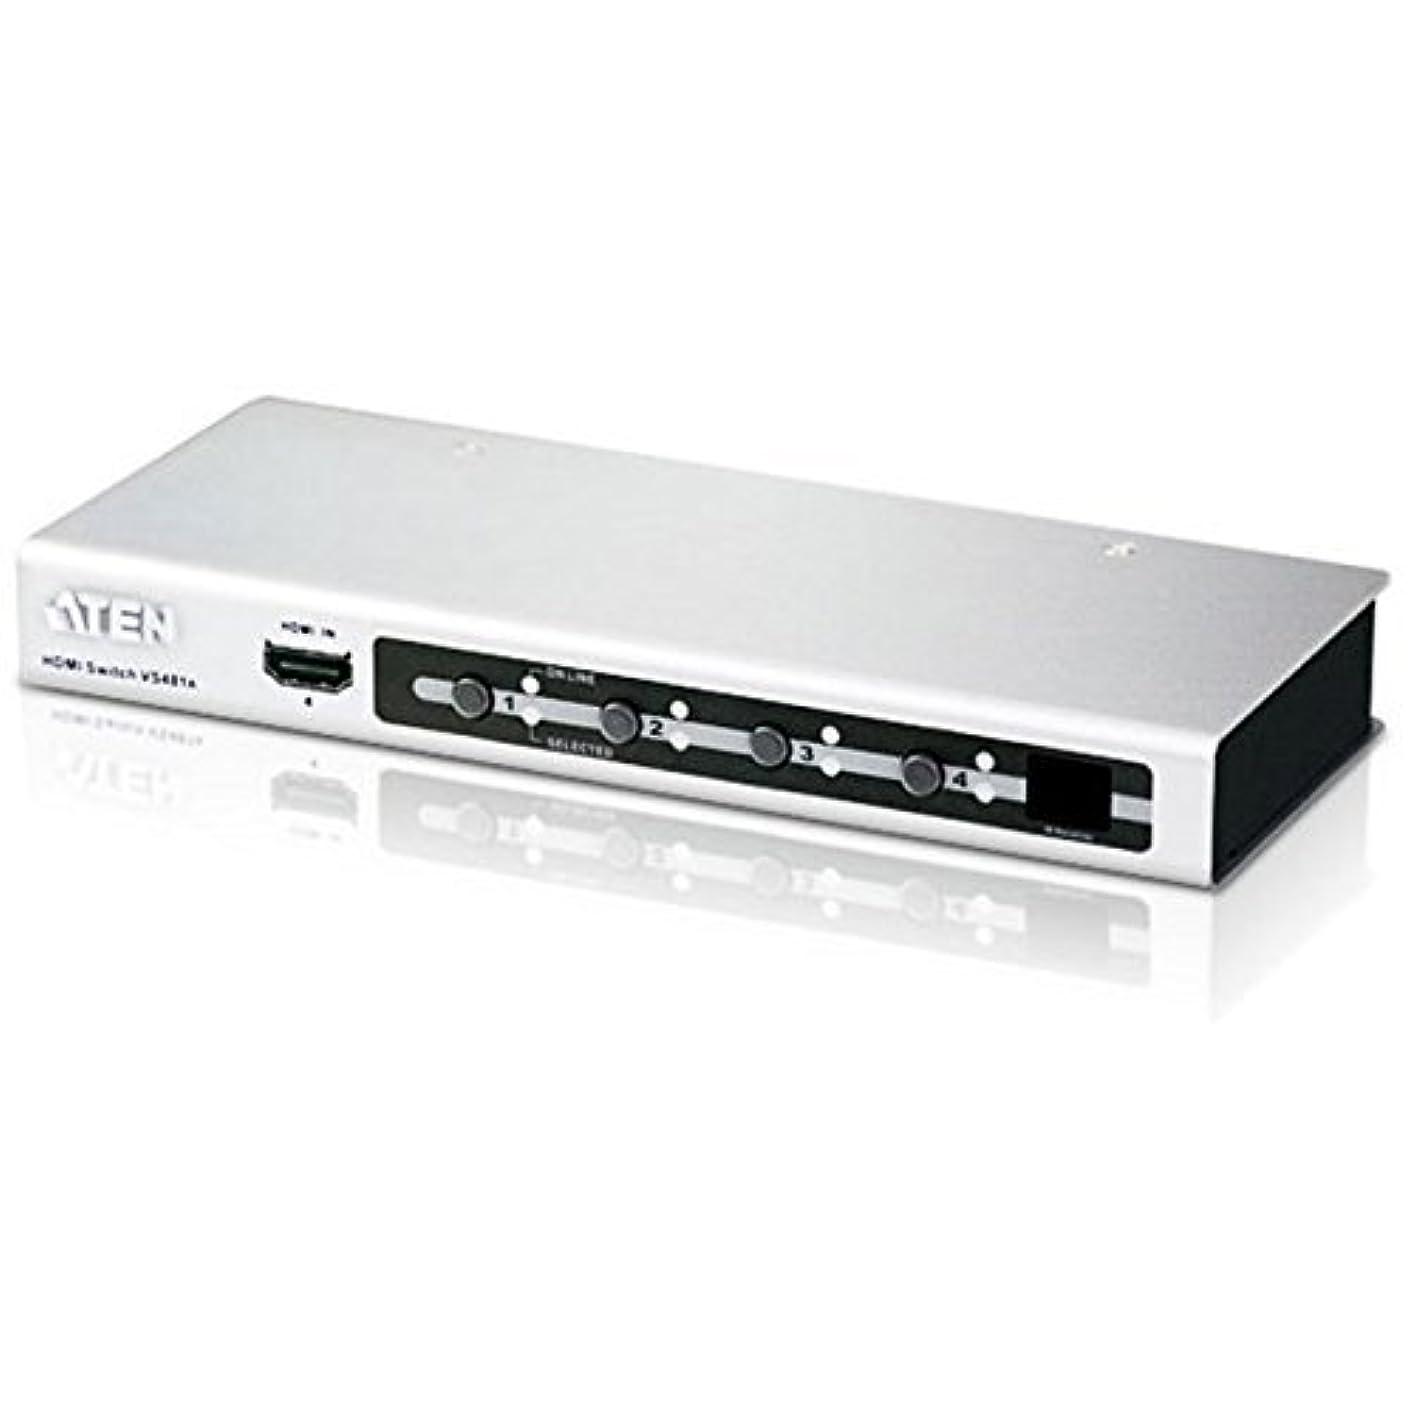 成熟した逆さまに症状4 Port HDMI Switch